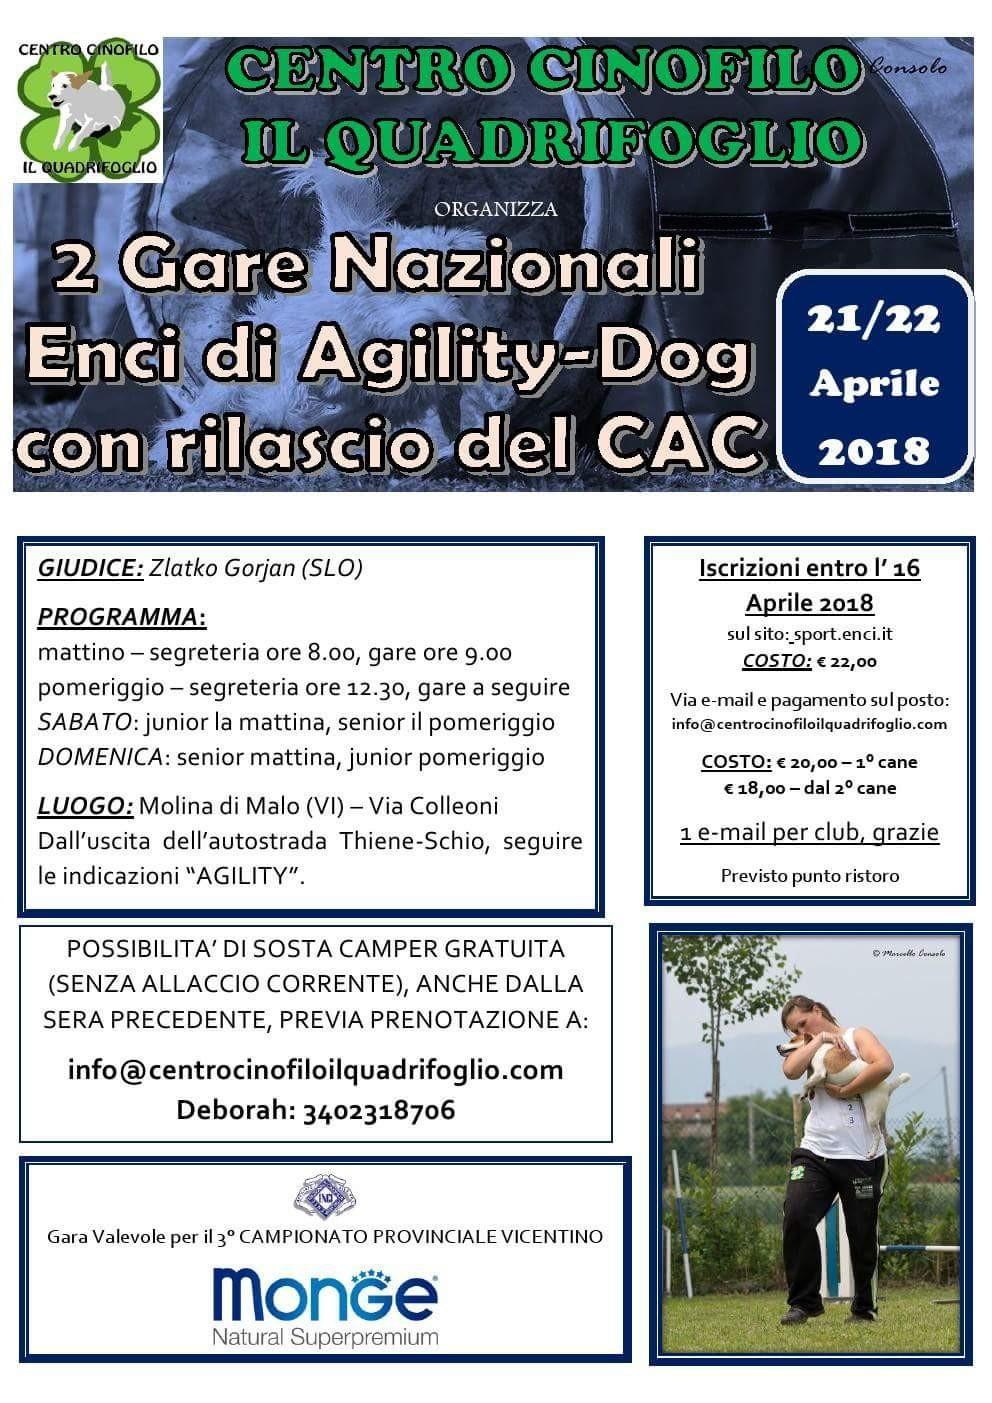 Gara Nazionale C.A.C. a Molina di Malo (VI) - 2 gare in 2 giorni